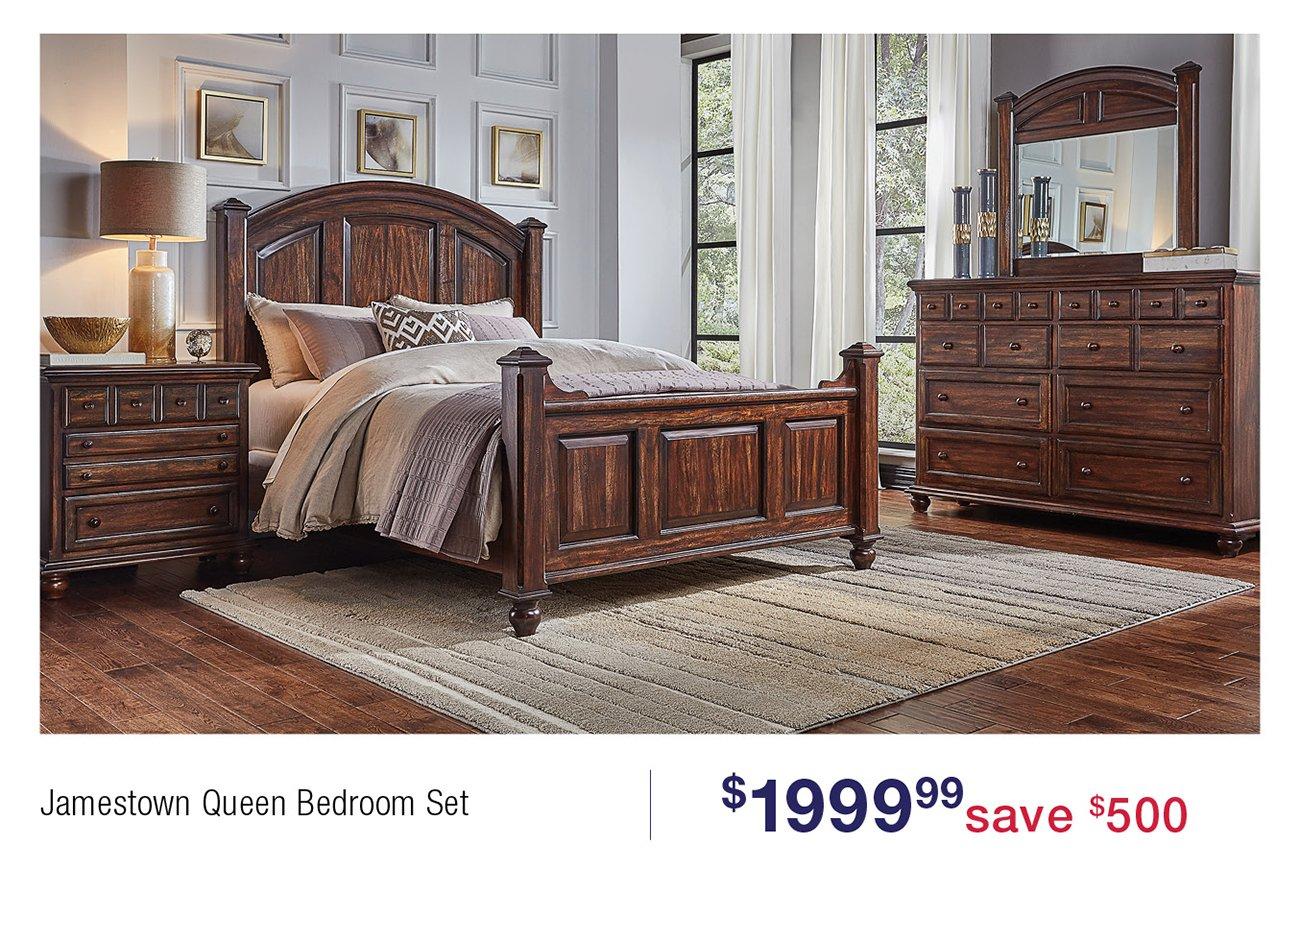 Jamestown-queen-bedroom-set